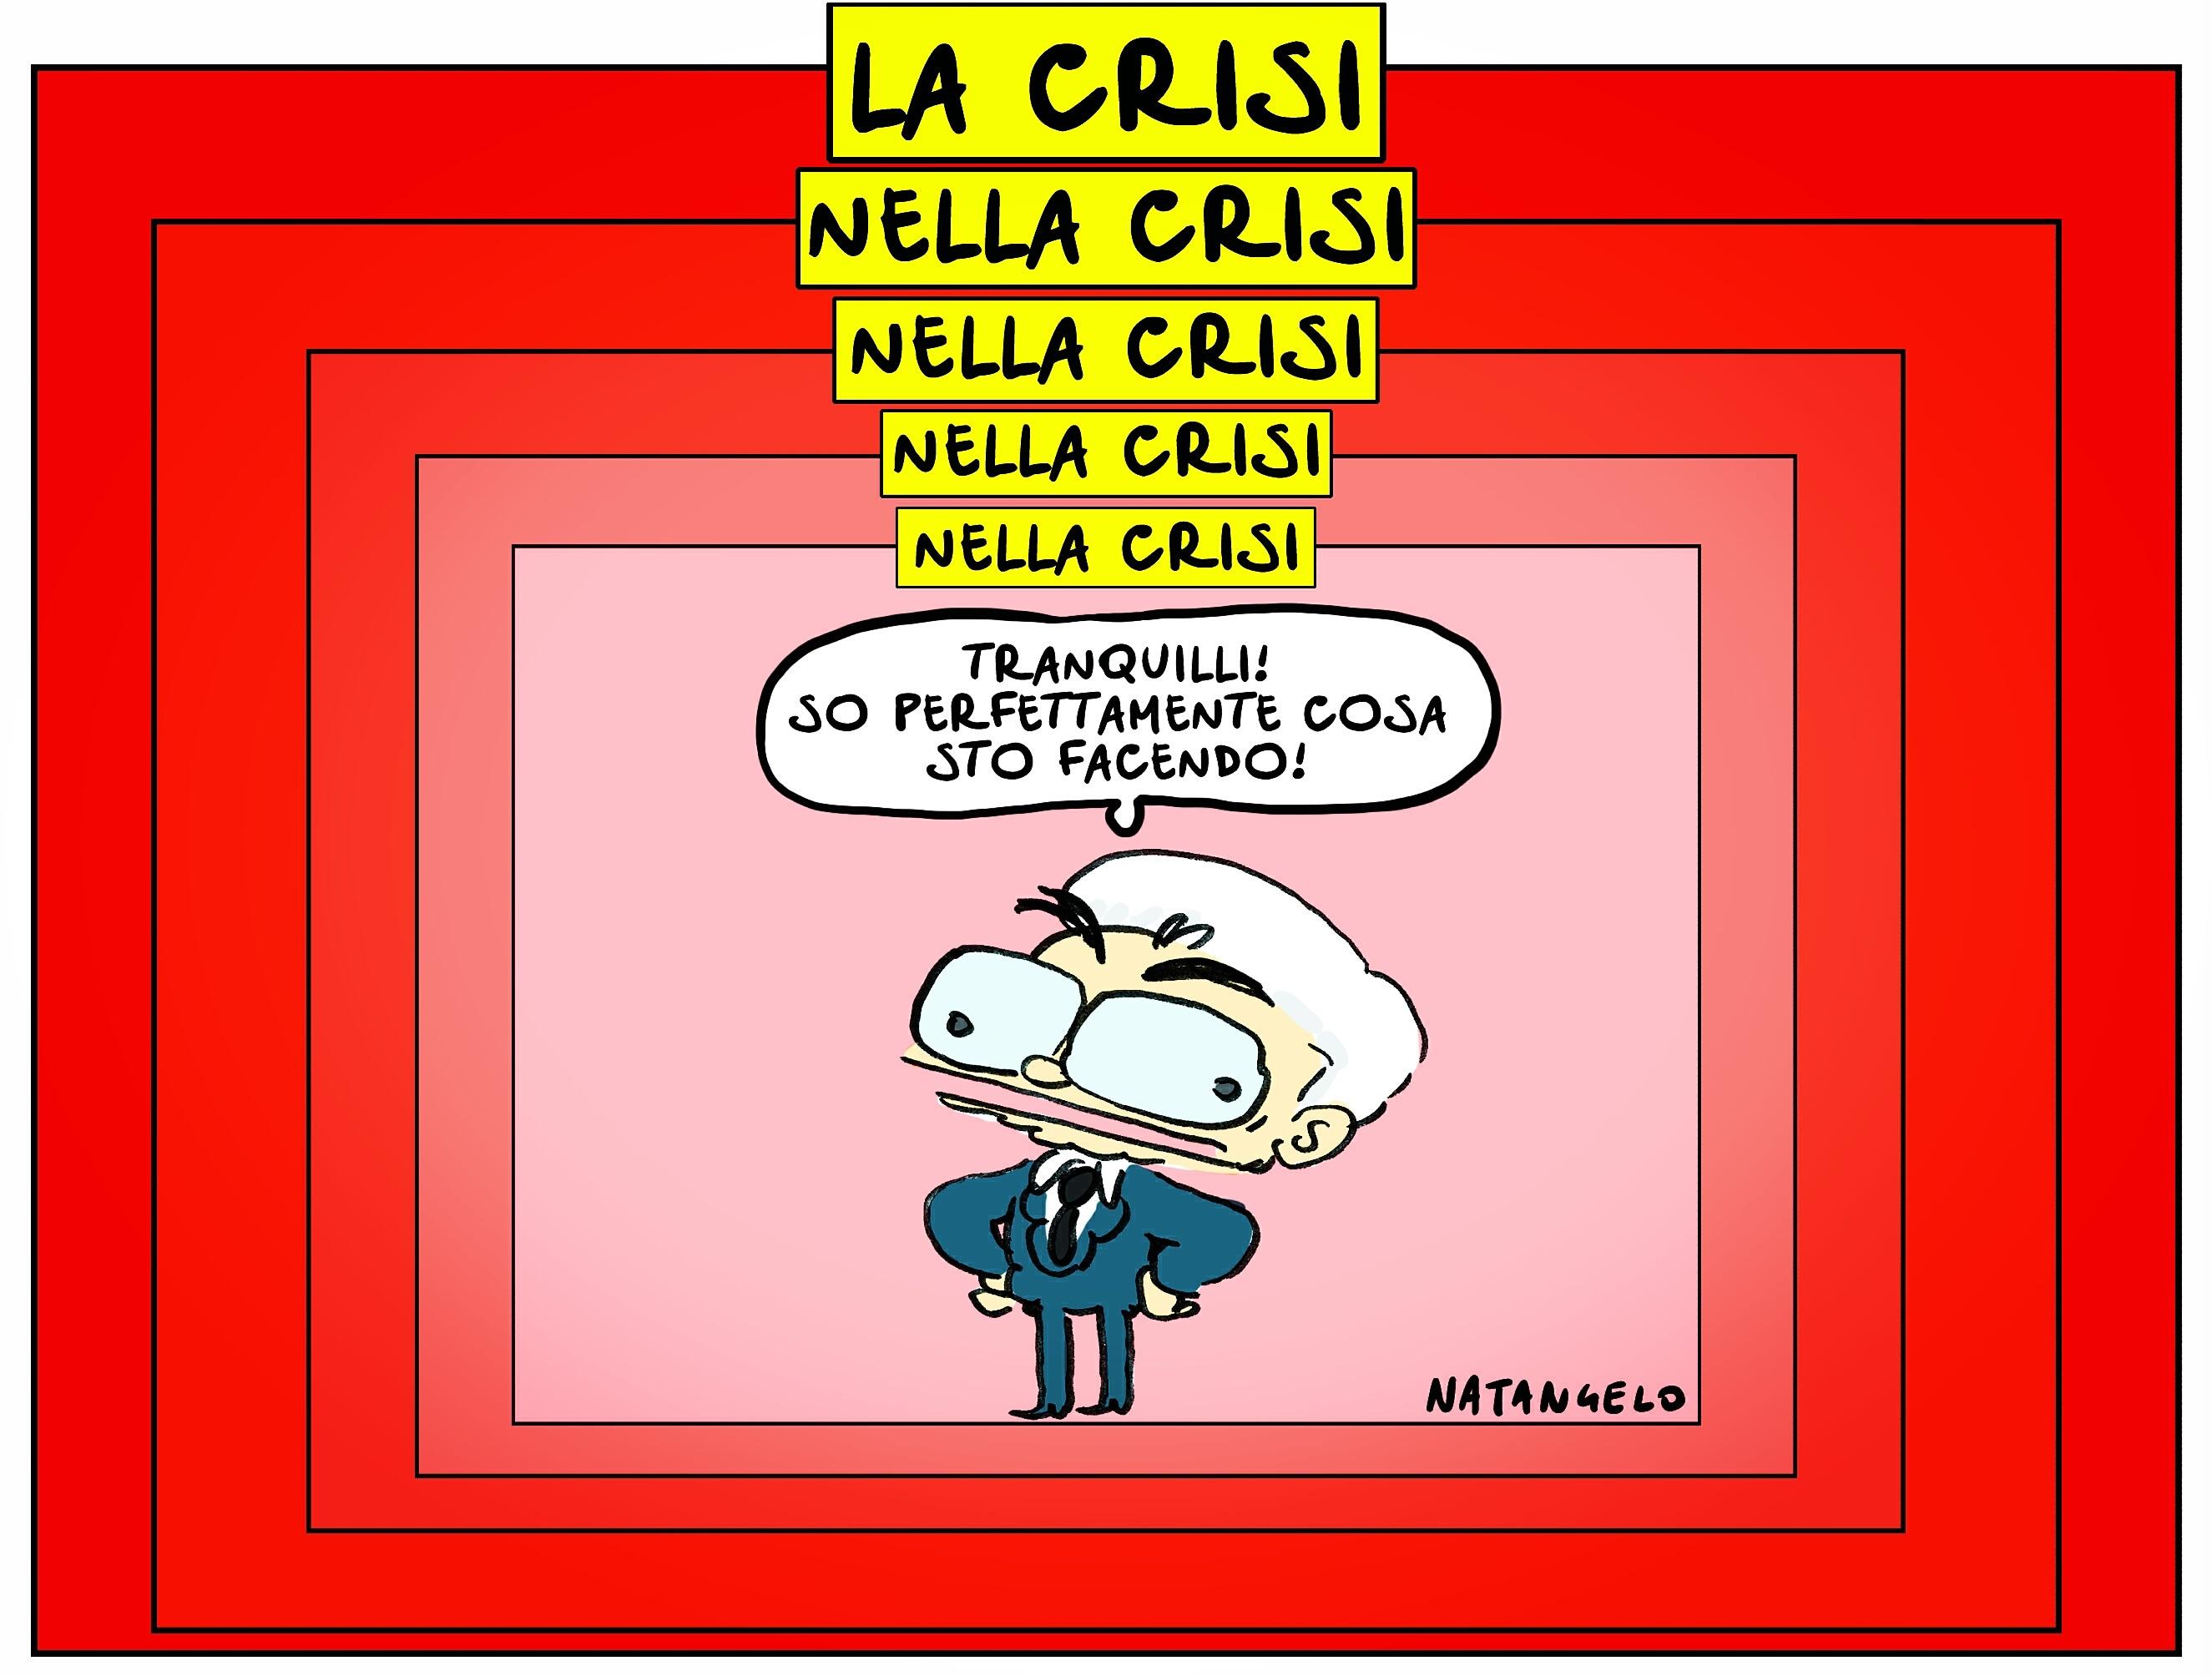 Nella crisi